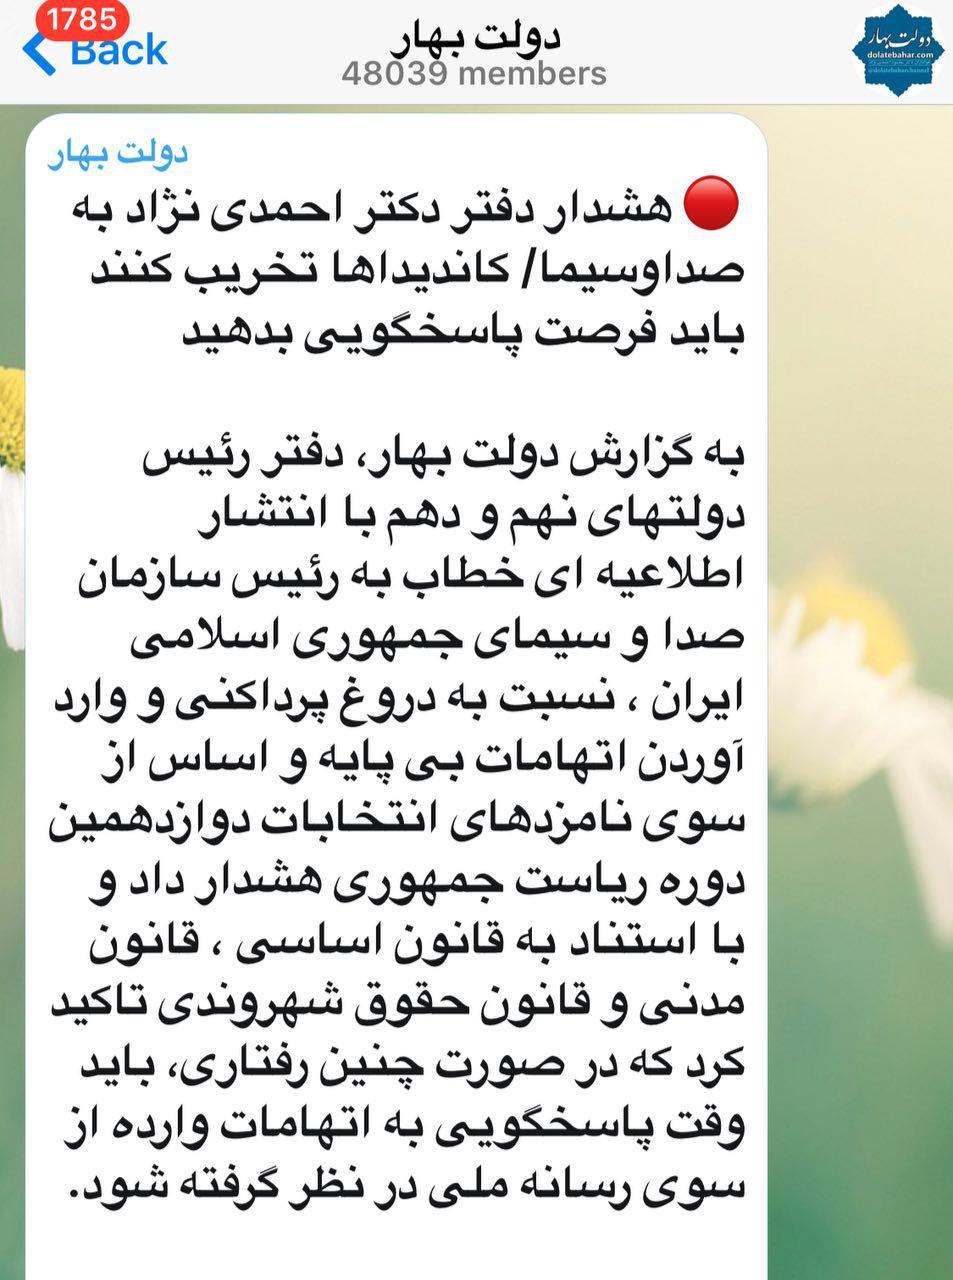 احمدینژاد درخواست زمان برای پاسخگویی از سیما کرد